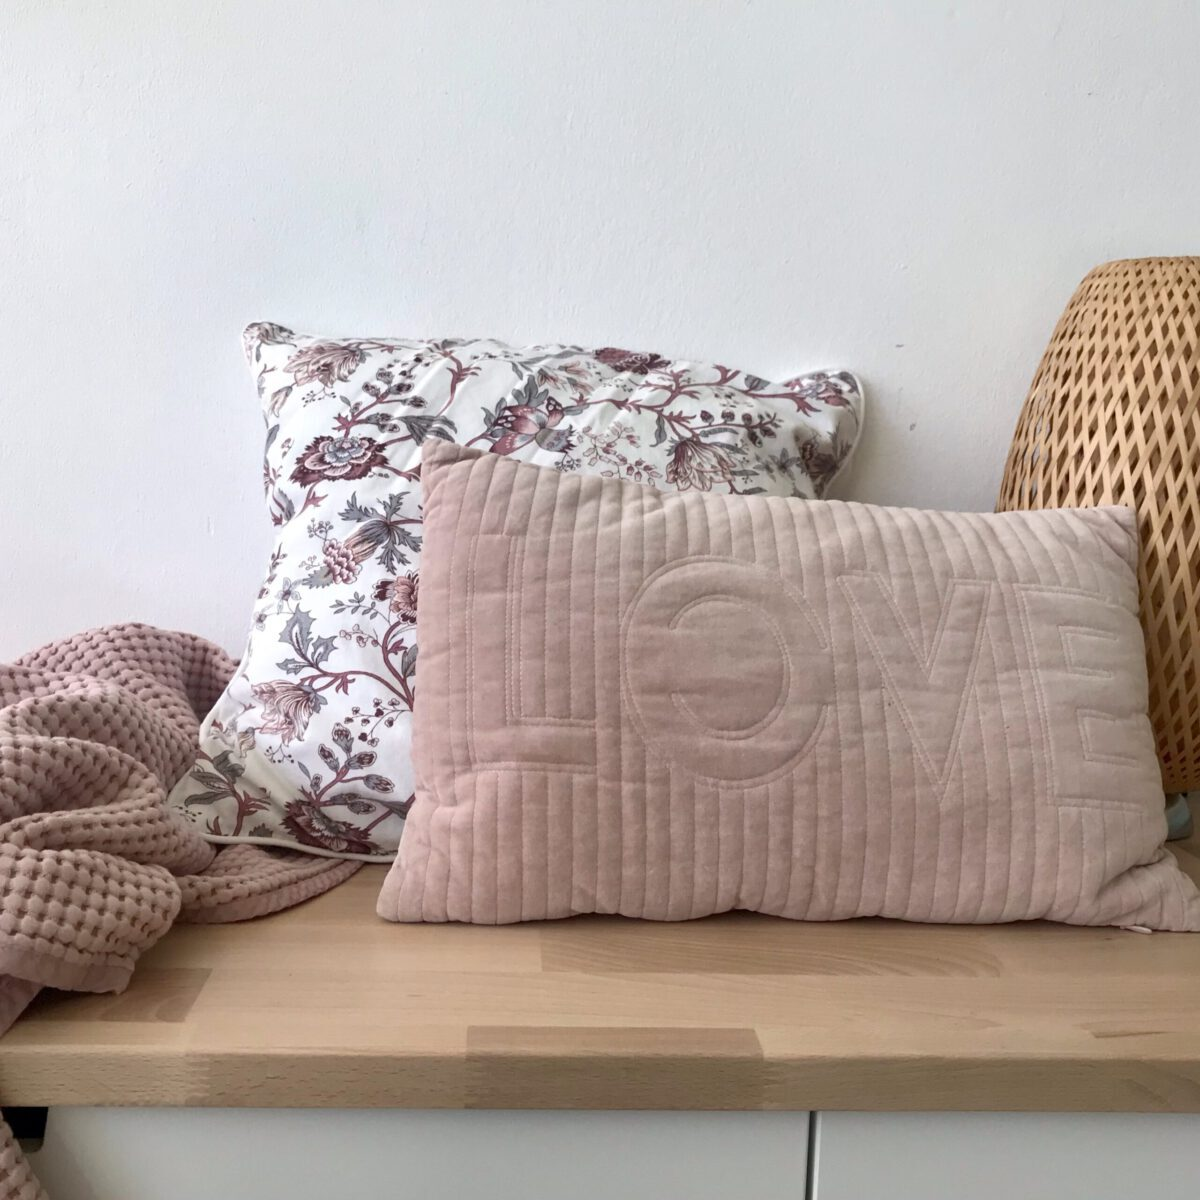 Zwei Kissen auf einem niedrigen Schrank, der mit einer Holzplatte als Bank genutzt werden kann.